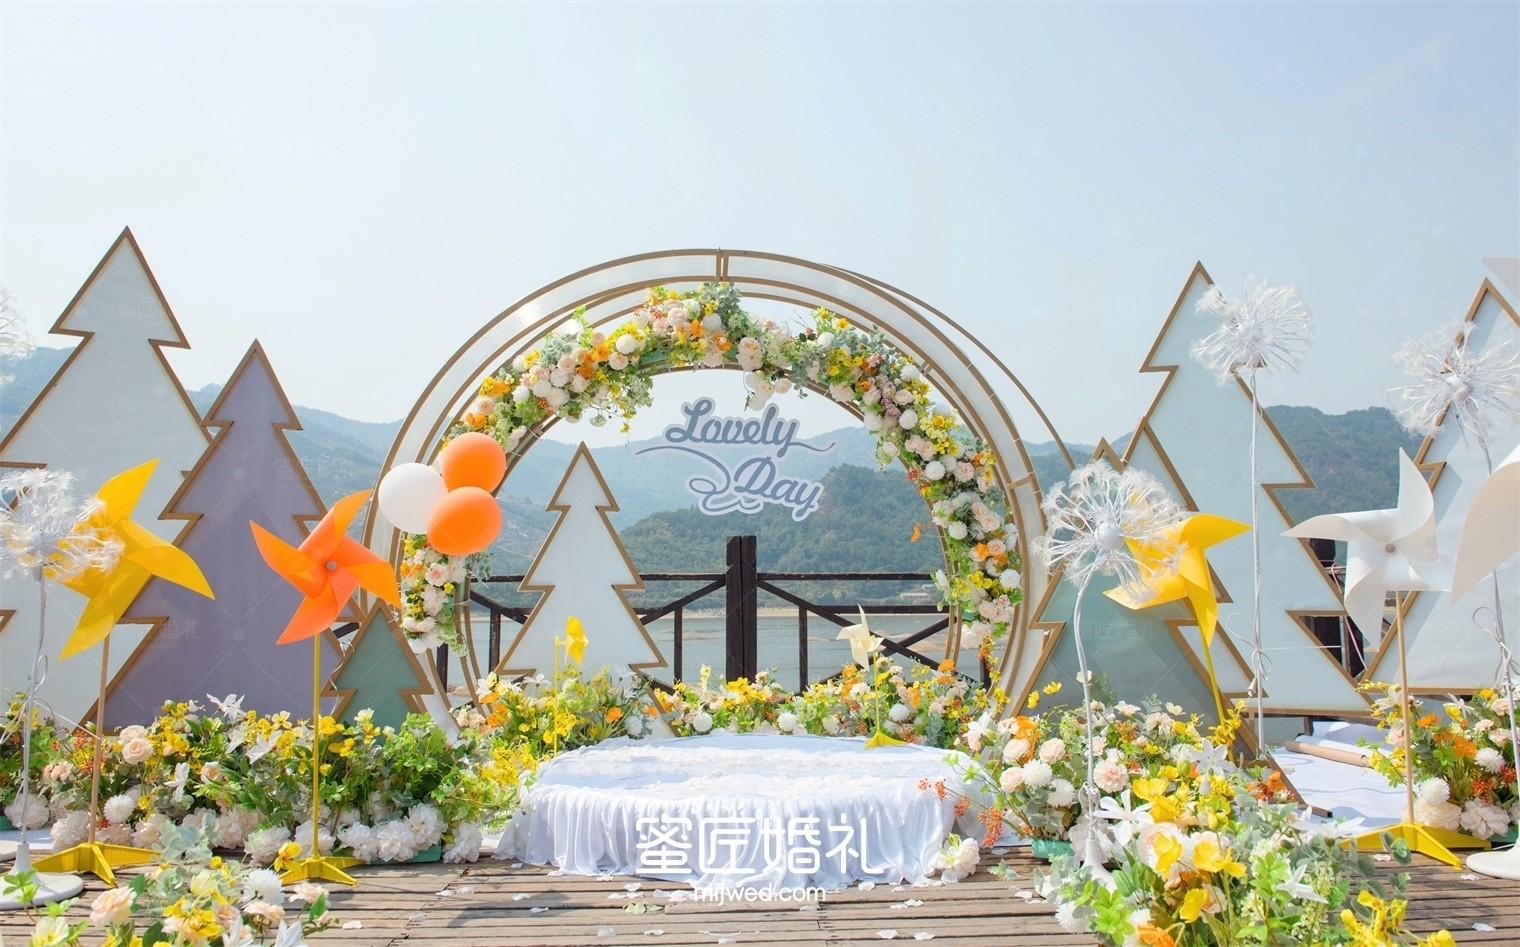 农村高端婚礼现场布置效果图